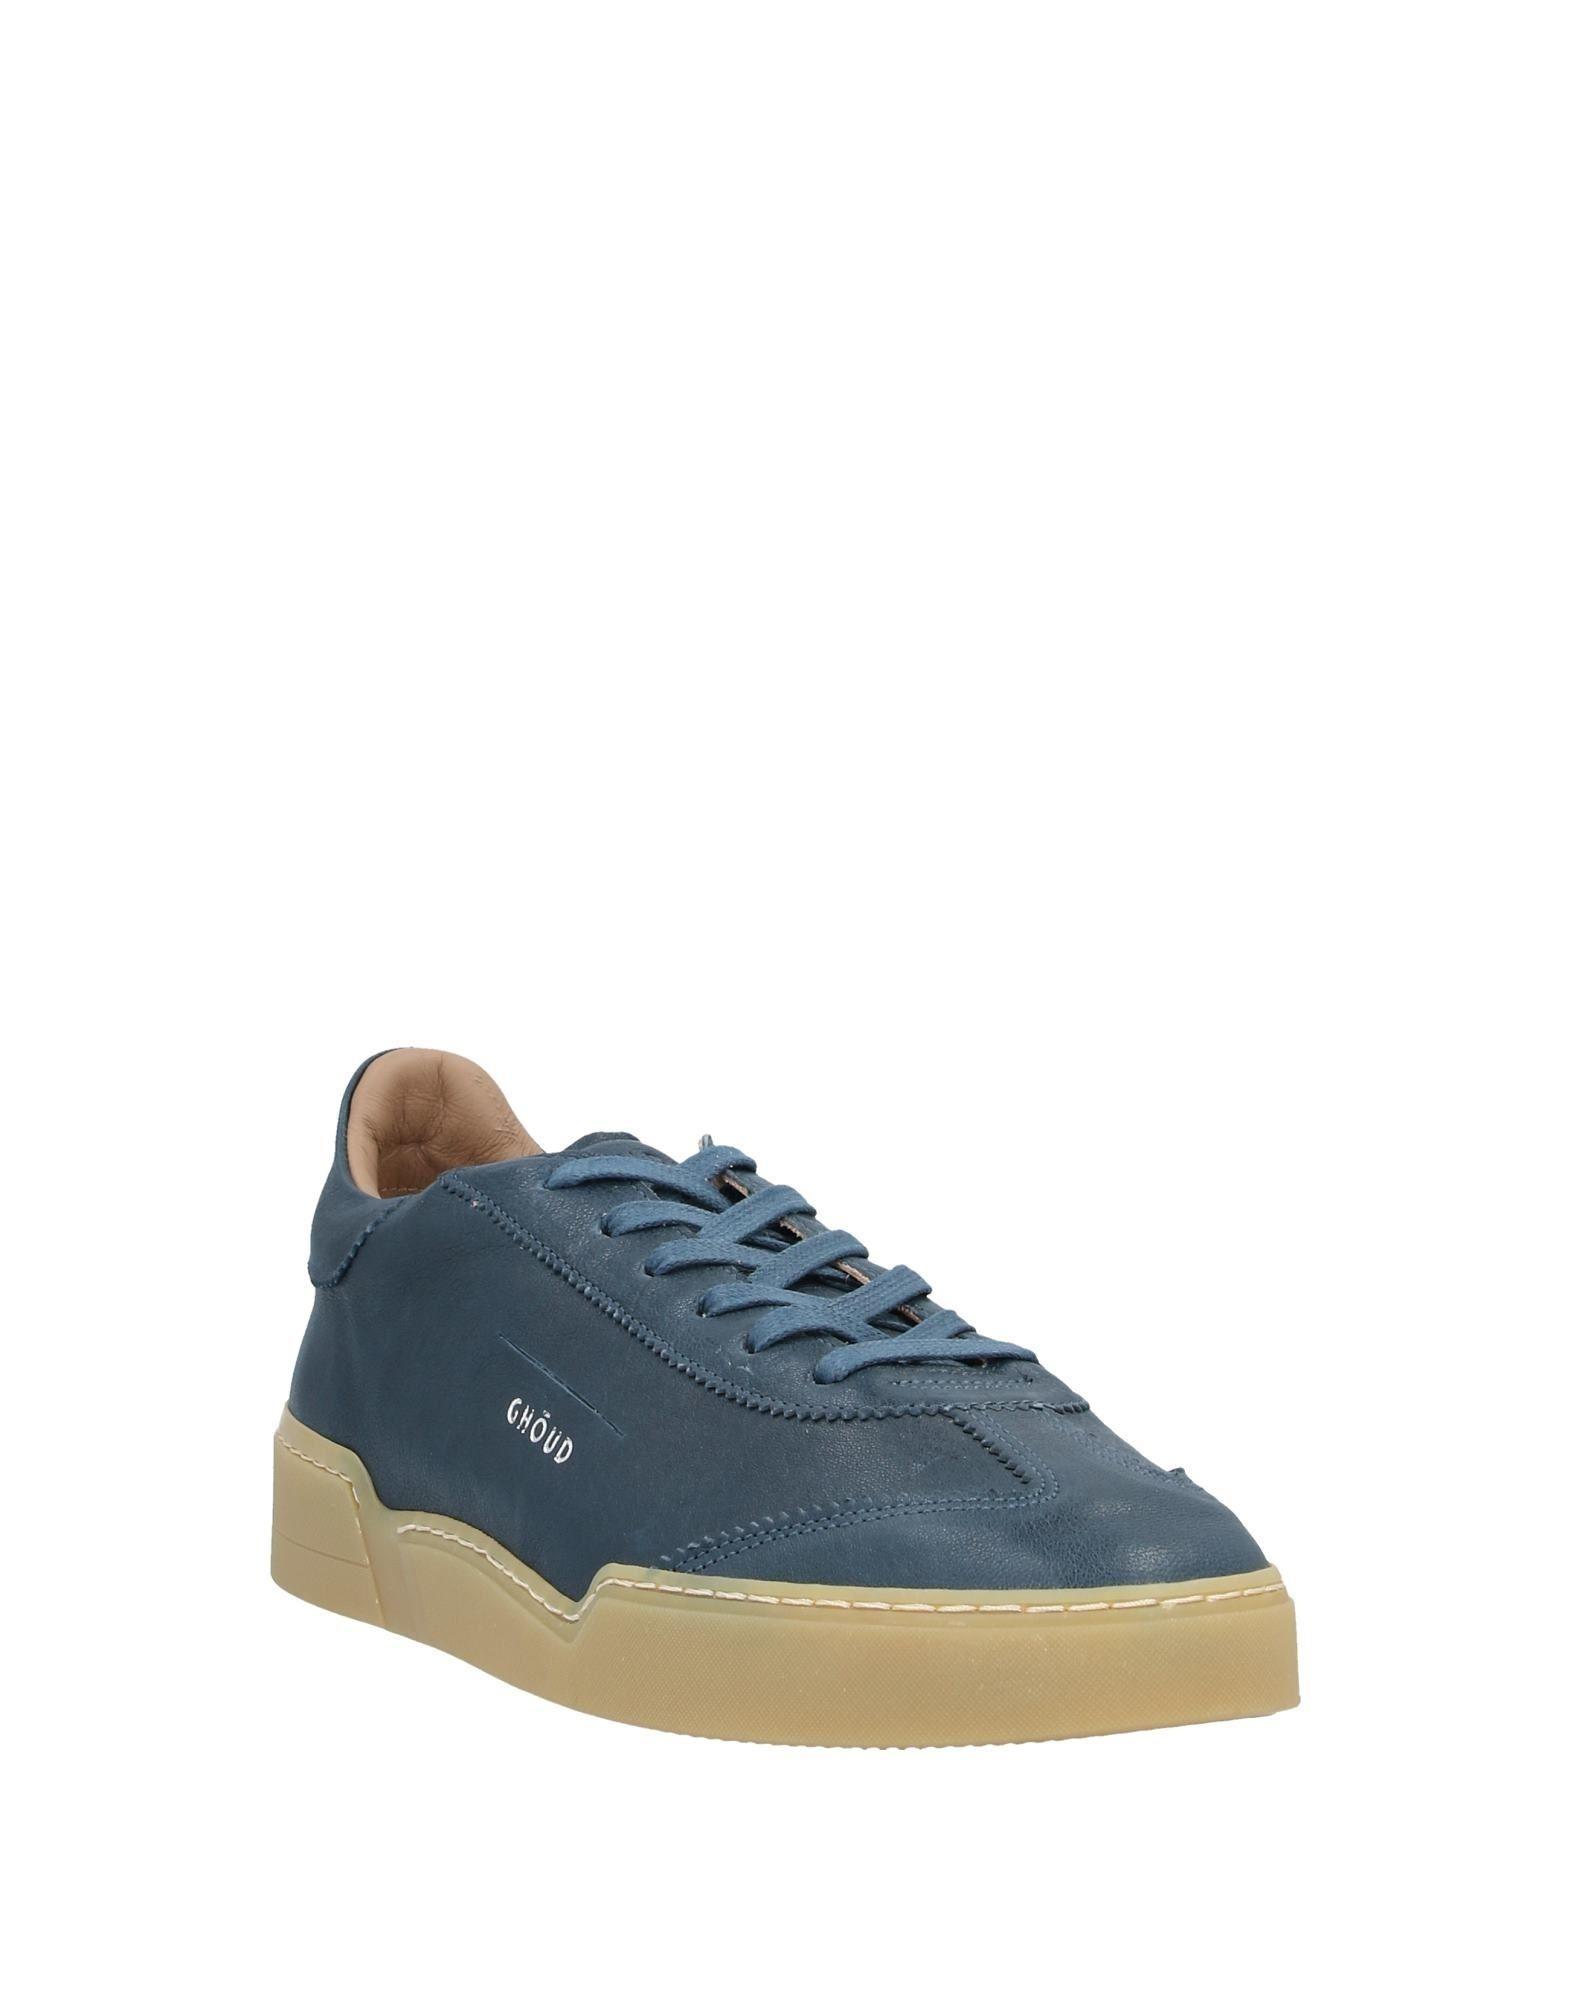 Sneakers & Deportivas GHŌUD de Cuero de color Azul para hombre